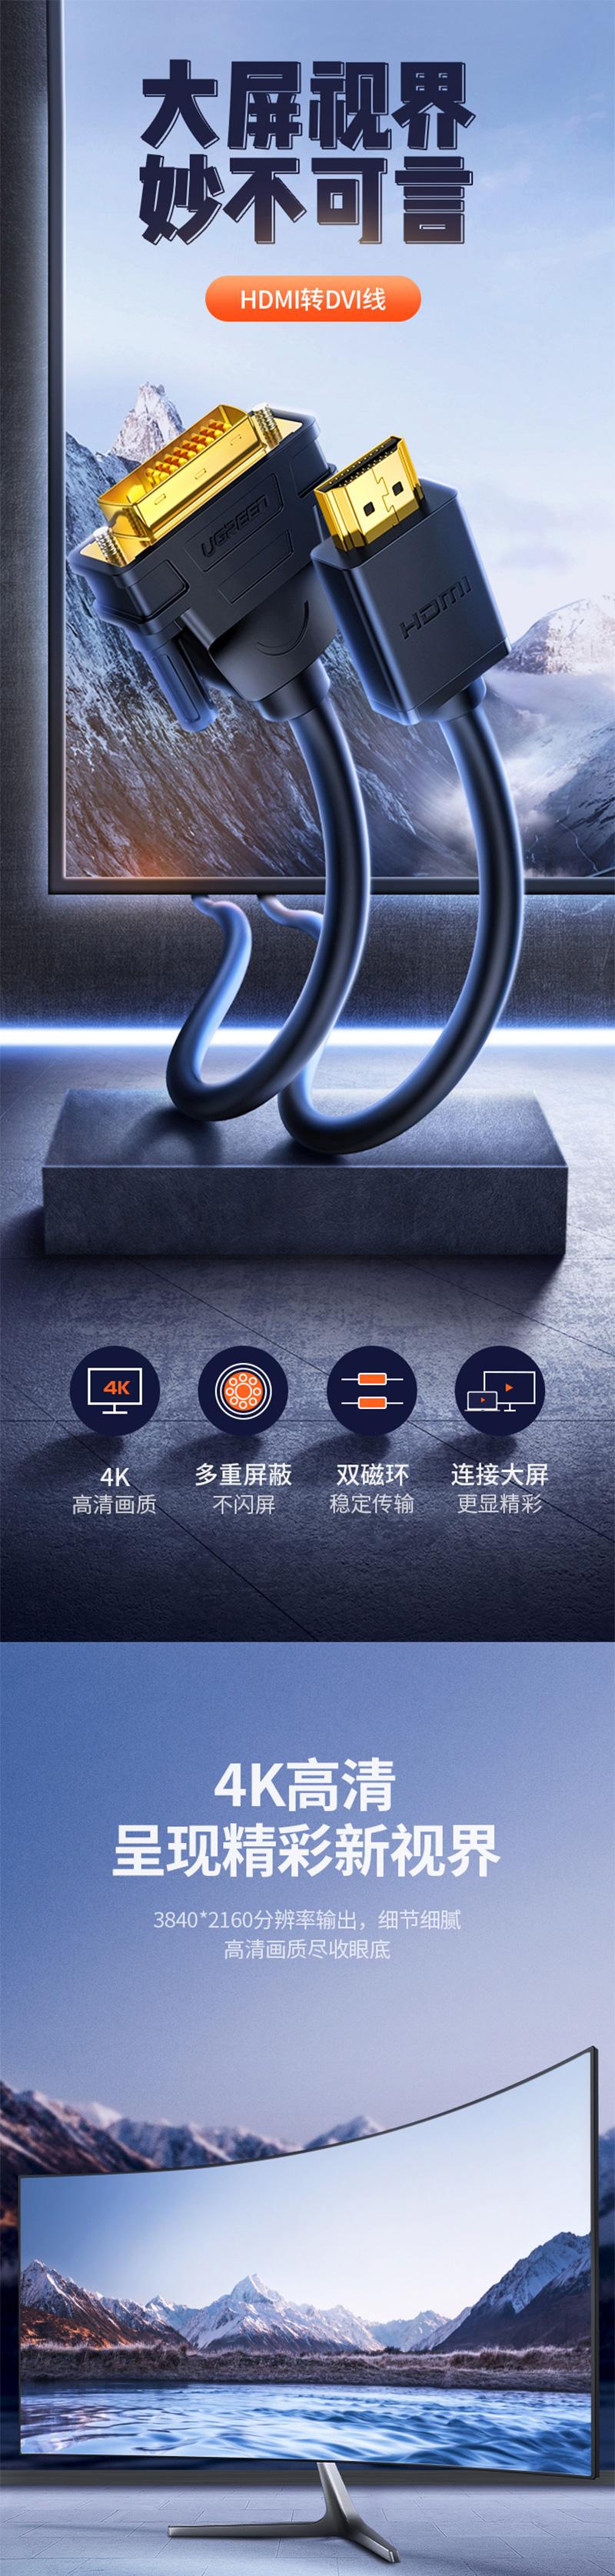 绿联10135 2米HDMI转DVI线 转换线 详情页